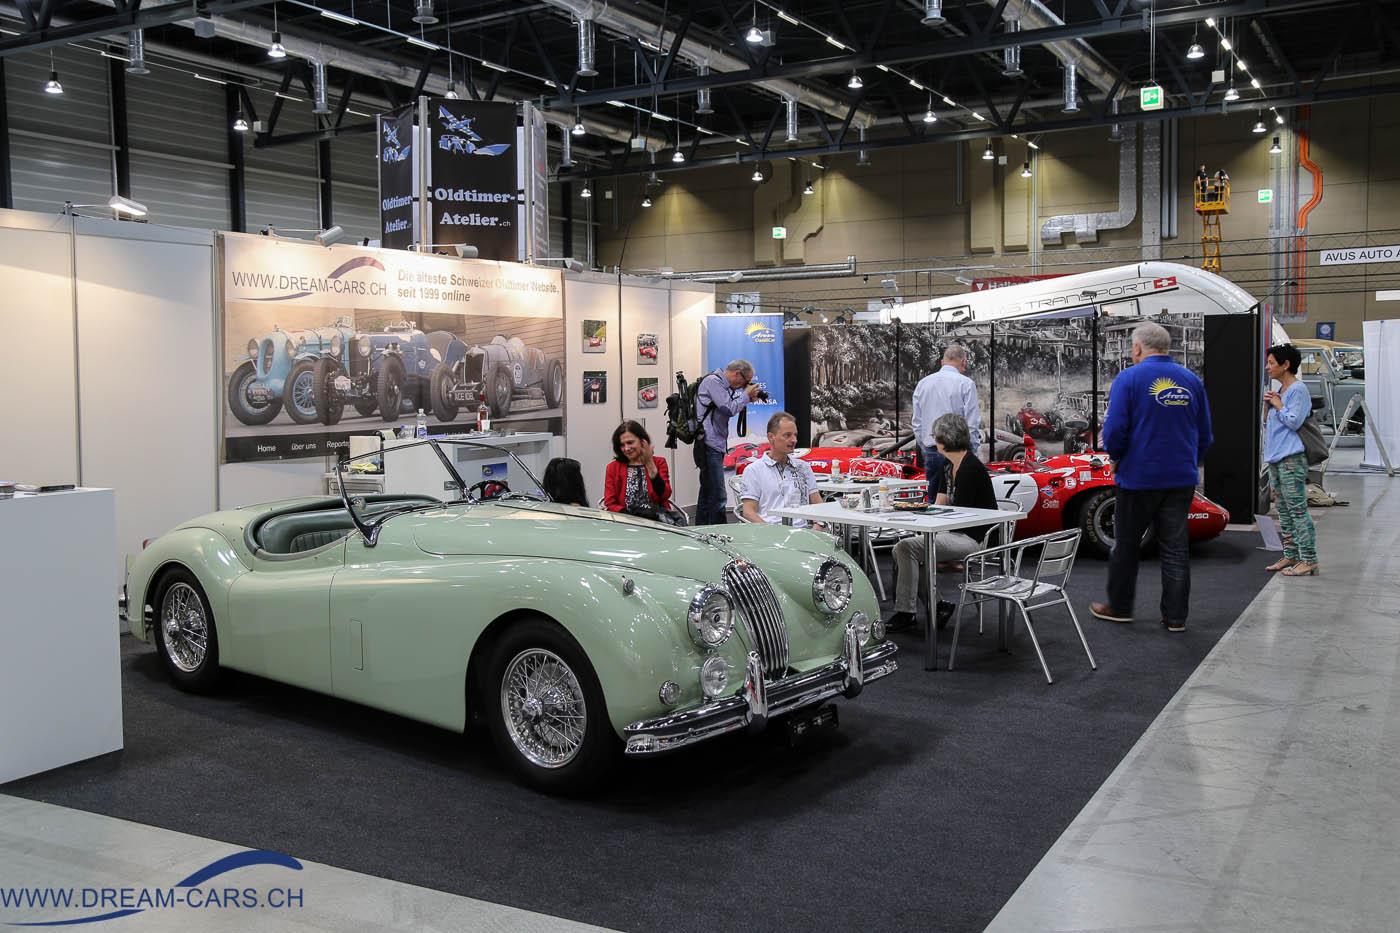 SWISS CLASSIC WORLD 2016, Messe Luzern. Unser Stand mit dem Jaguar XK 140 OTS und dem Lola T70 Spyder von Toni Seiler